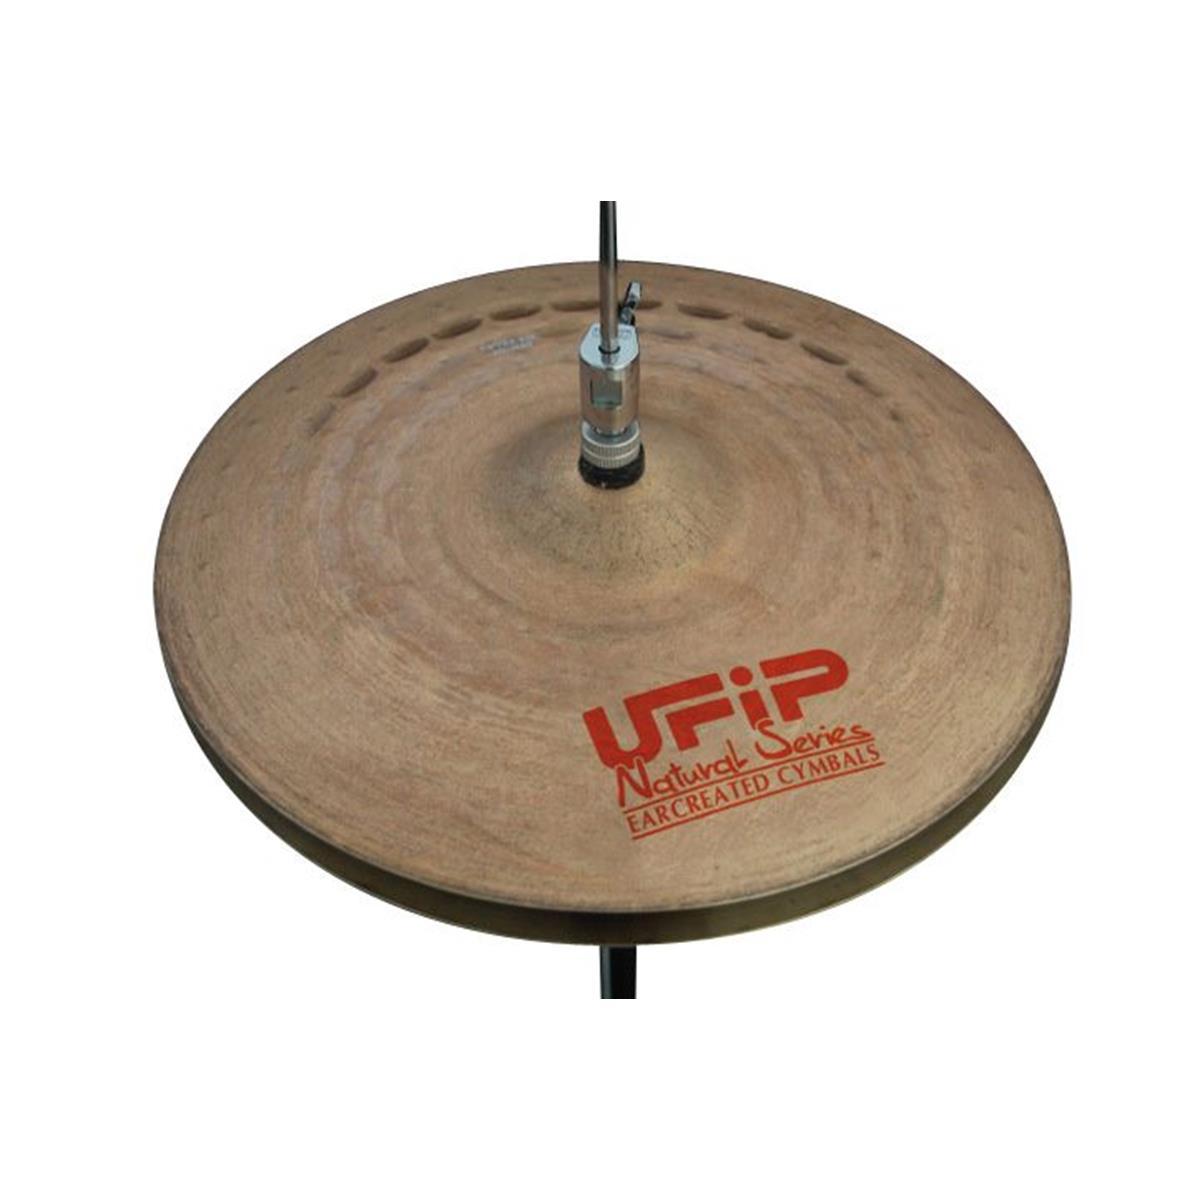 UFIP-NS-14MHH-Natural-Series-14-Medium-Hi-Hat-sku-45600162